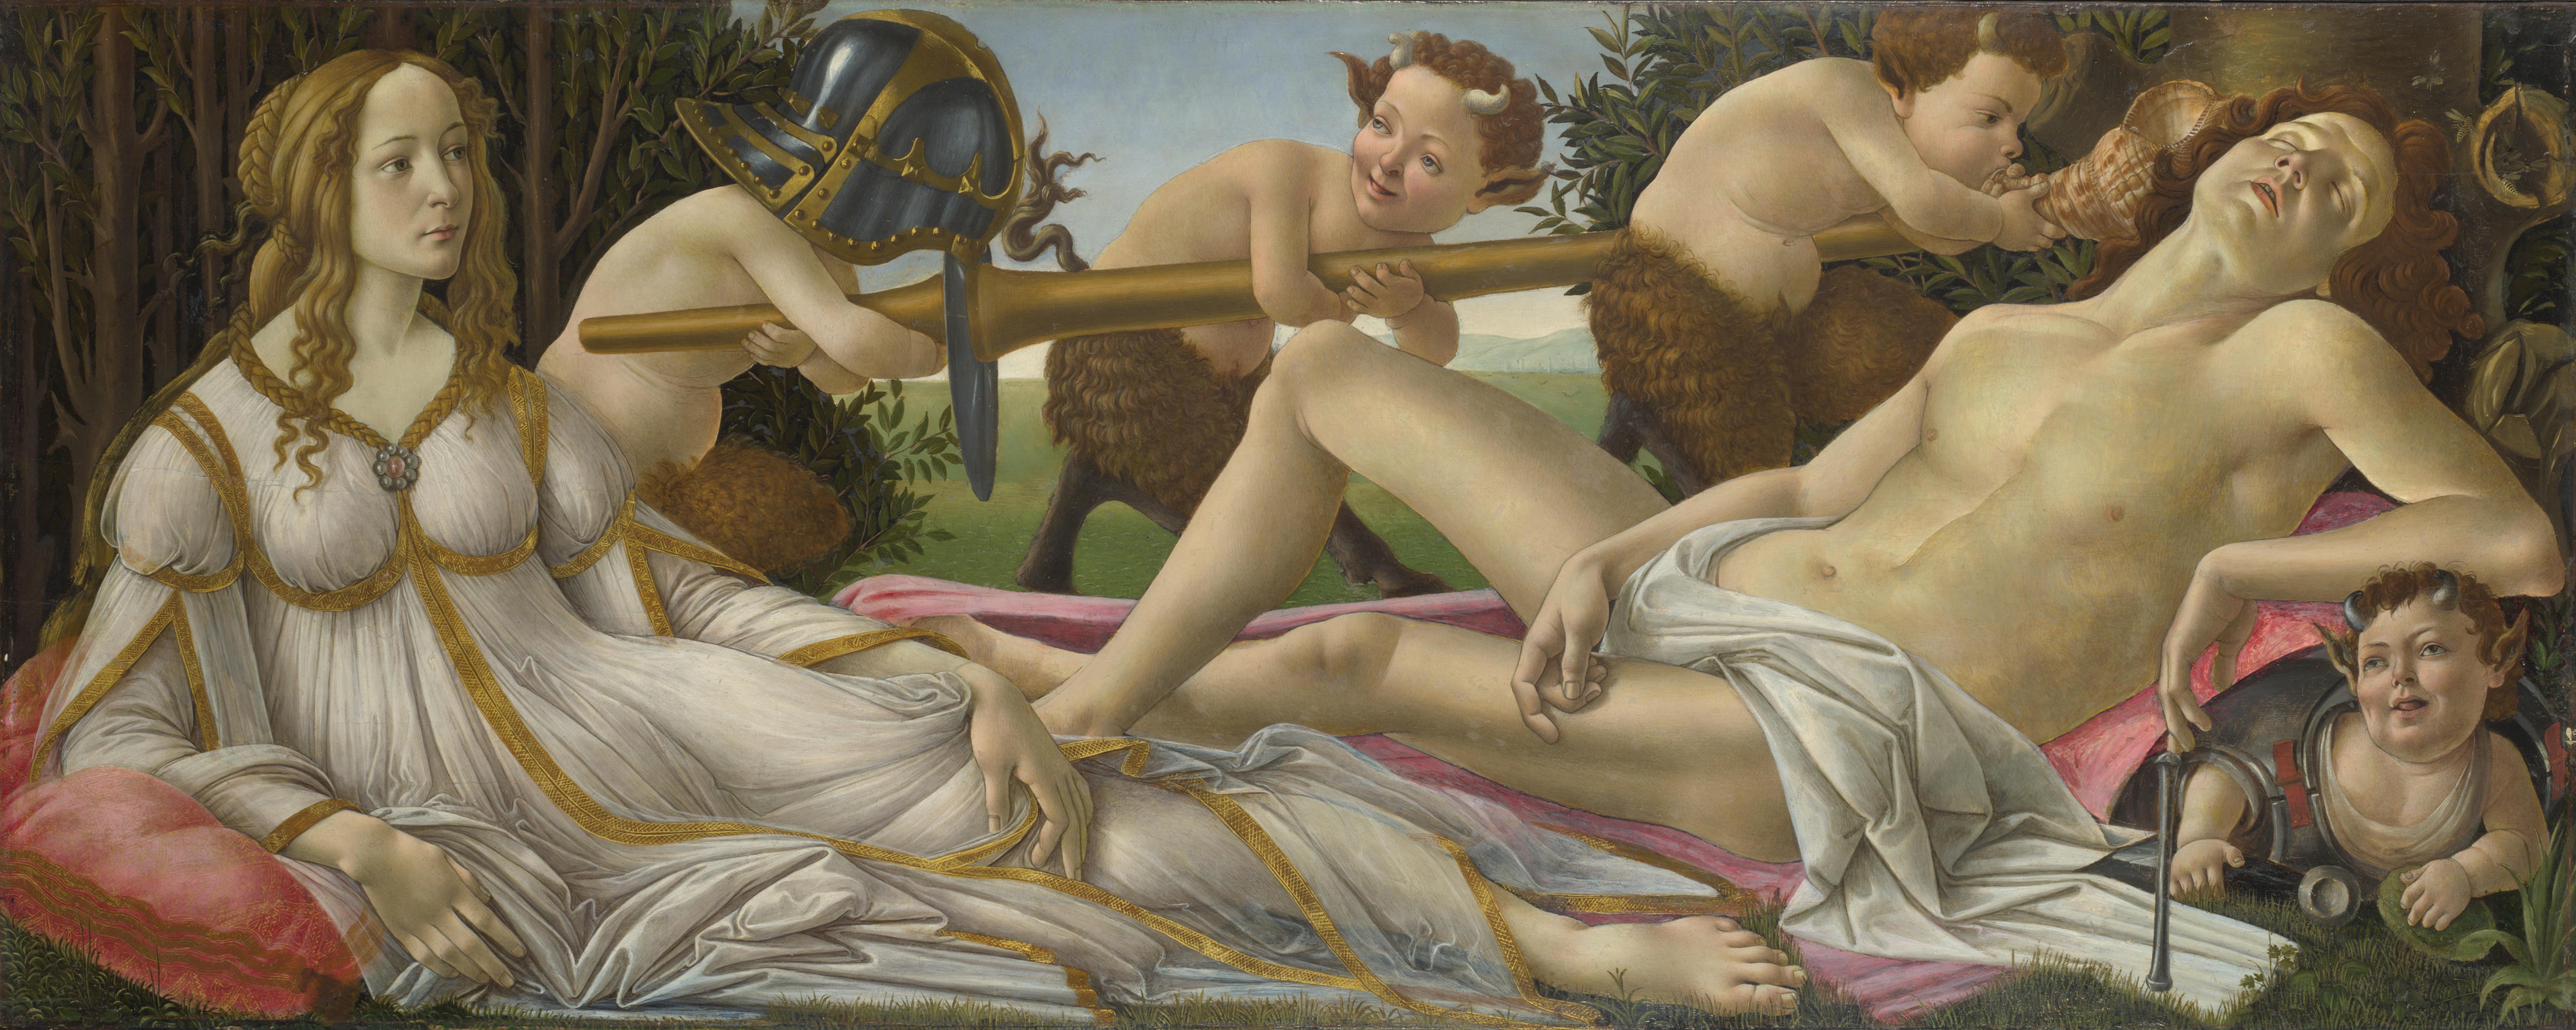 Venus_and_Mars_National_Gallery.jpg?usel